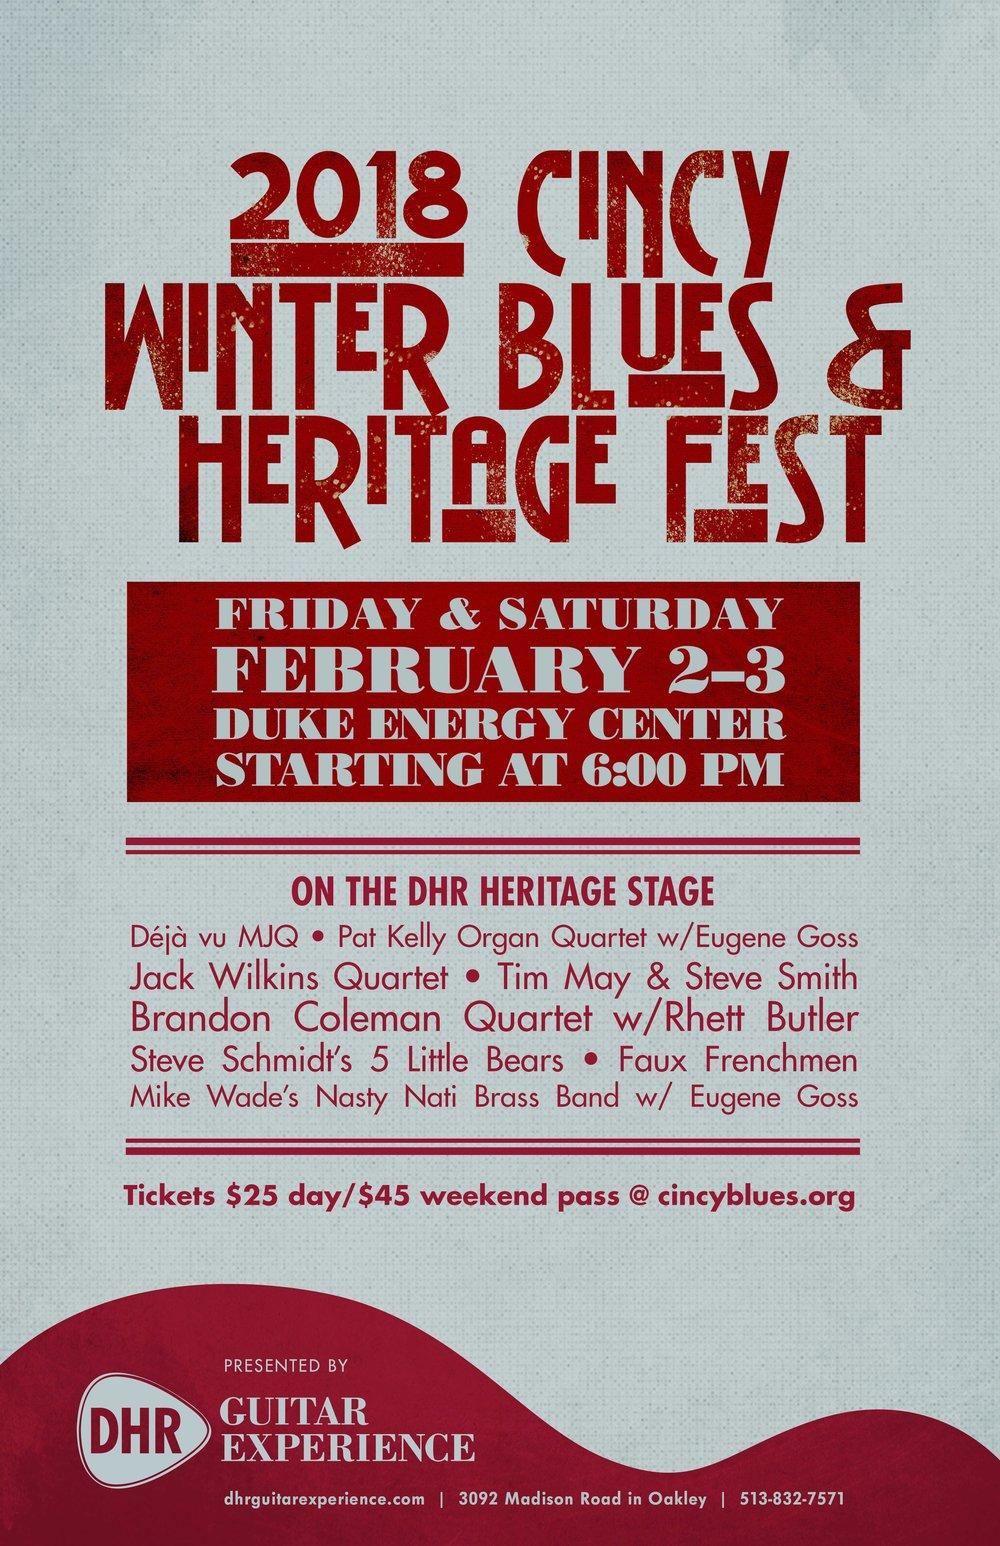 DHR_Bluesfest_Concert_11x17_v2 (1).jpg